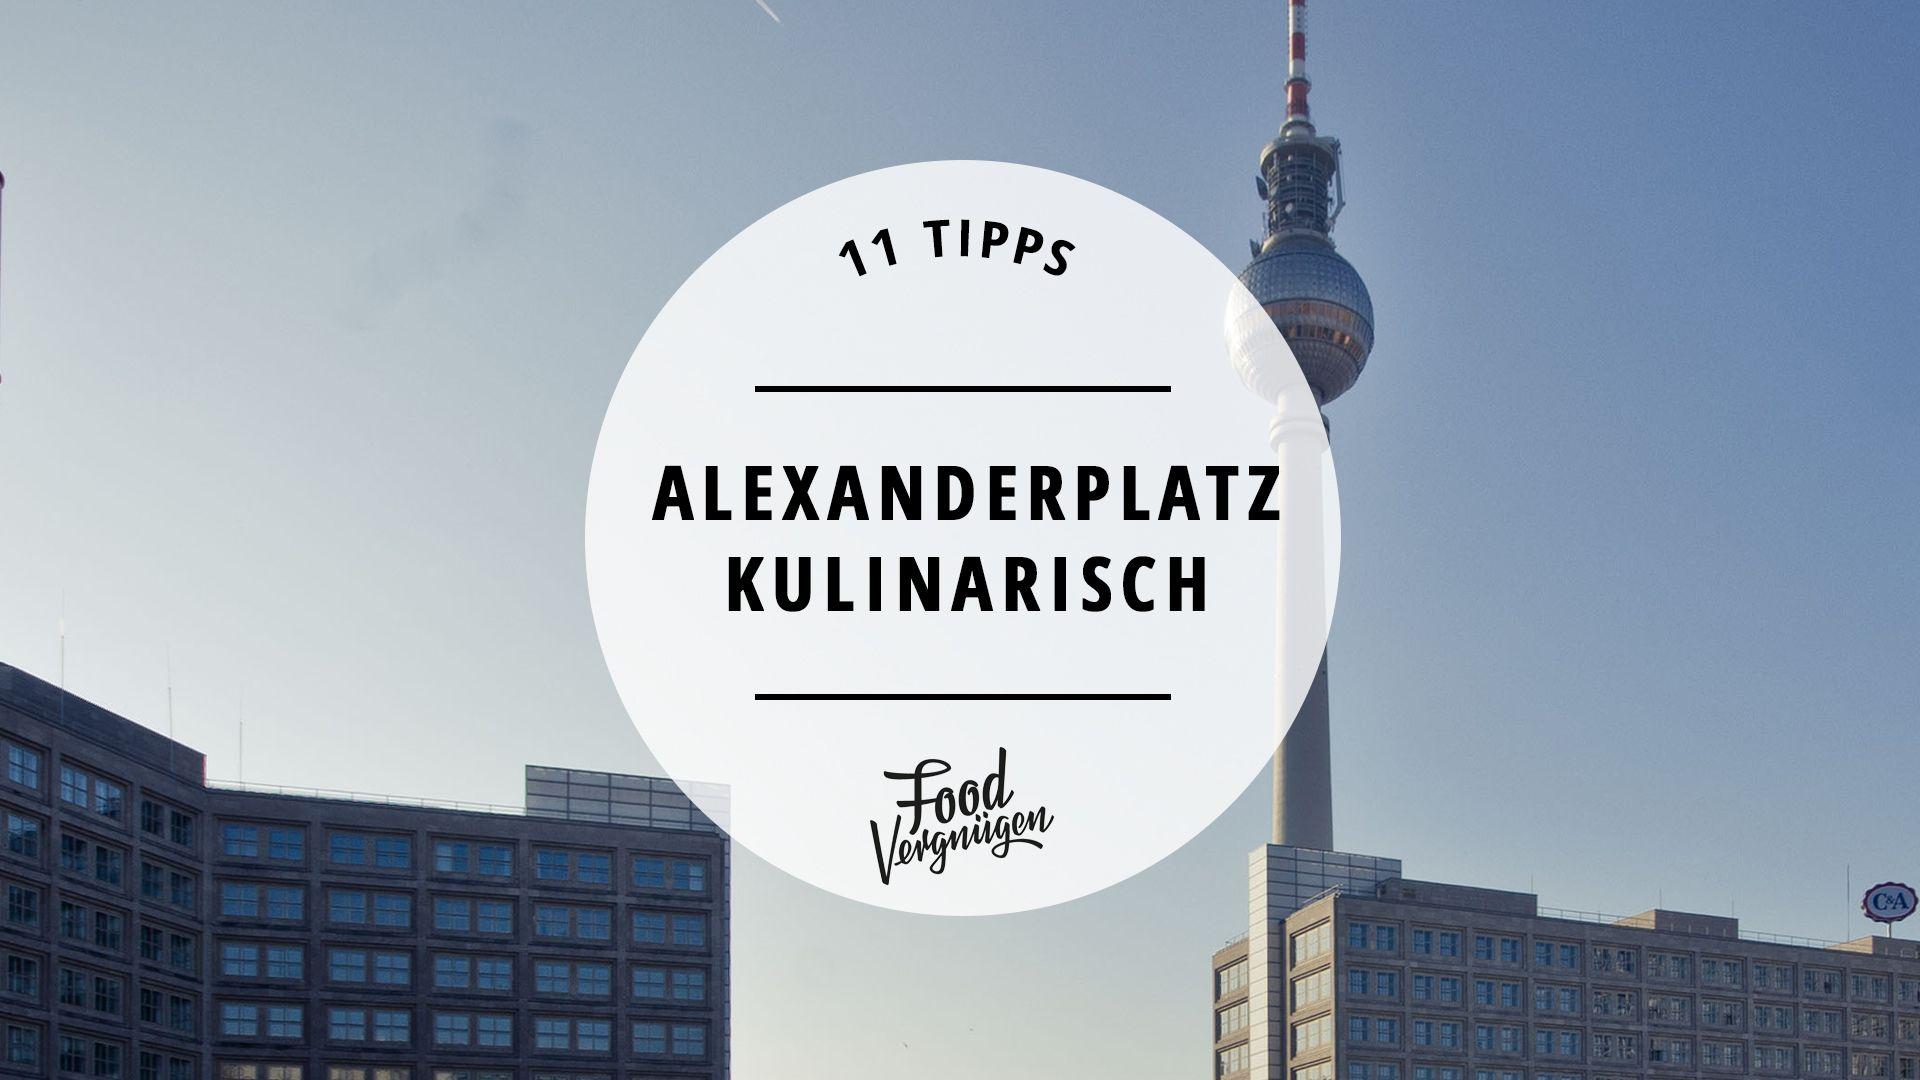 Kulinarisches Brachland Alexanderplatz An Diesen Orten Seid Ihr Trotzdem Ganz Gut Aufgehoben Berlin Tipps Berlin Alexanderplatz Berlin Essen